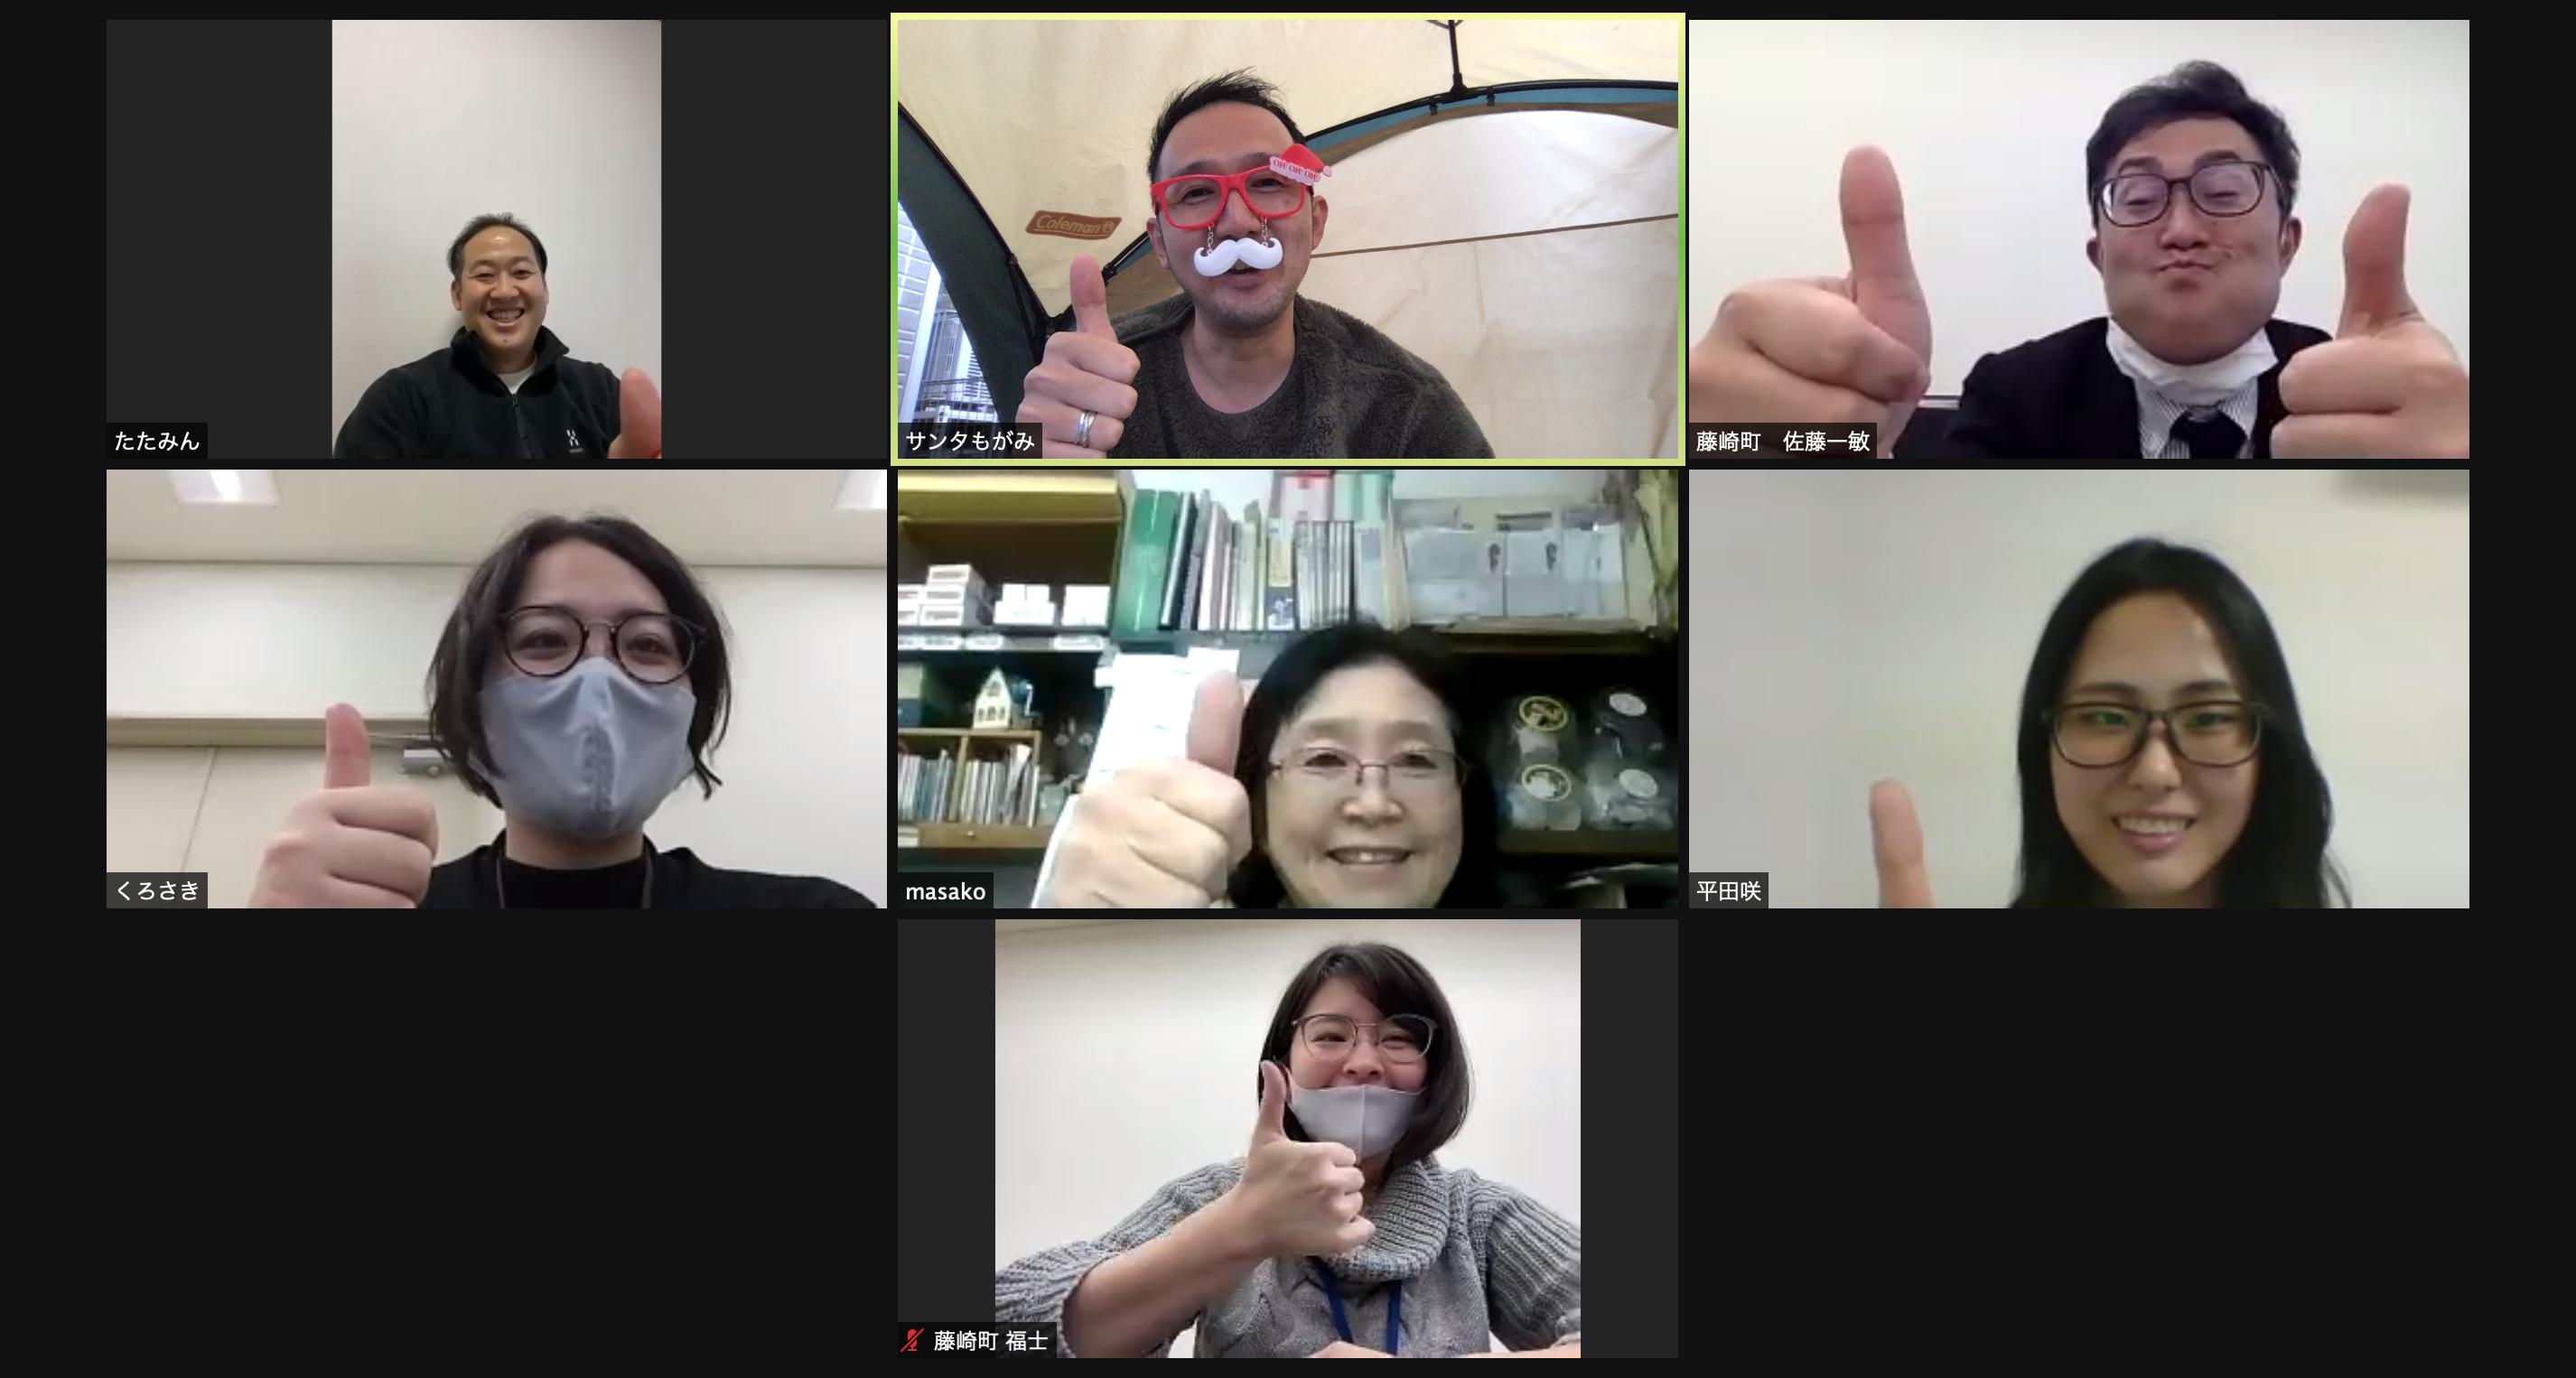 【藤崎町 未来志向の地域デザインプロジェクト 2020】振返り&共創による構想進化オンラインセッション